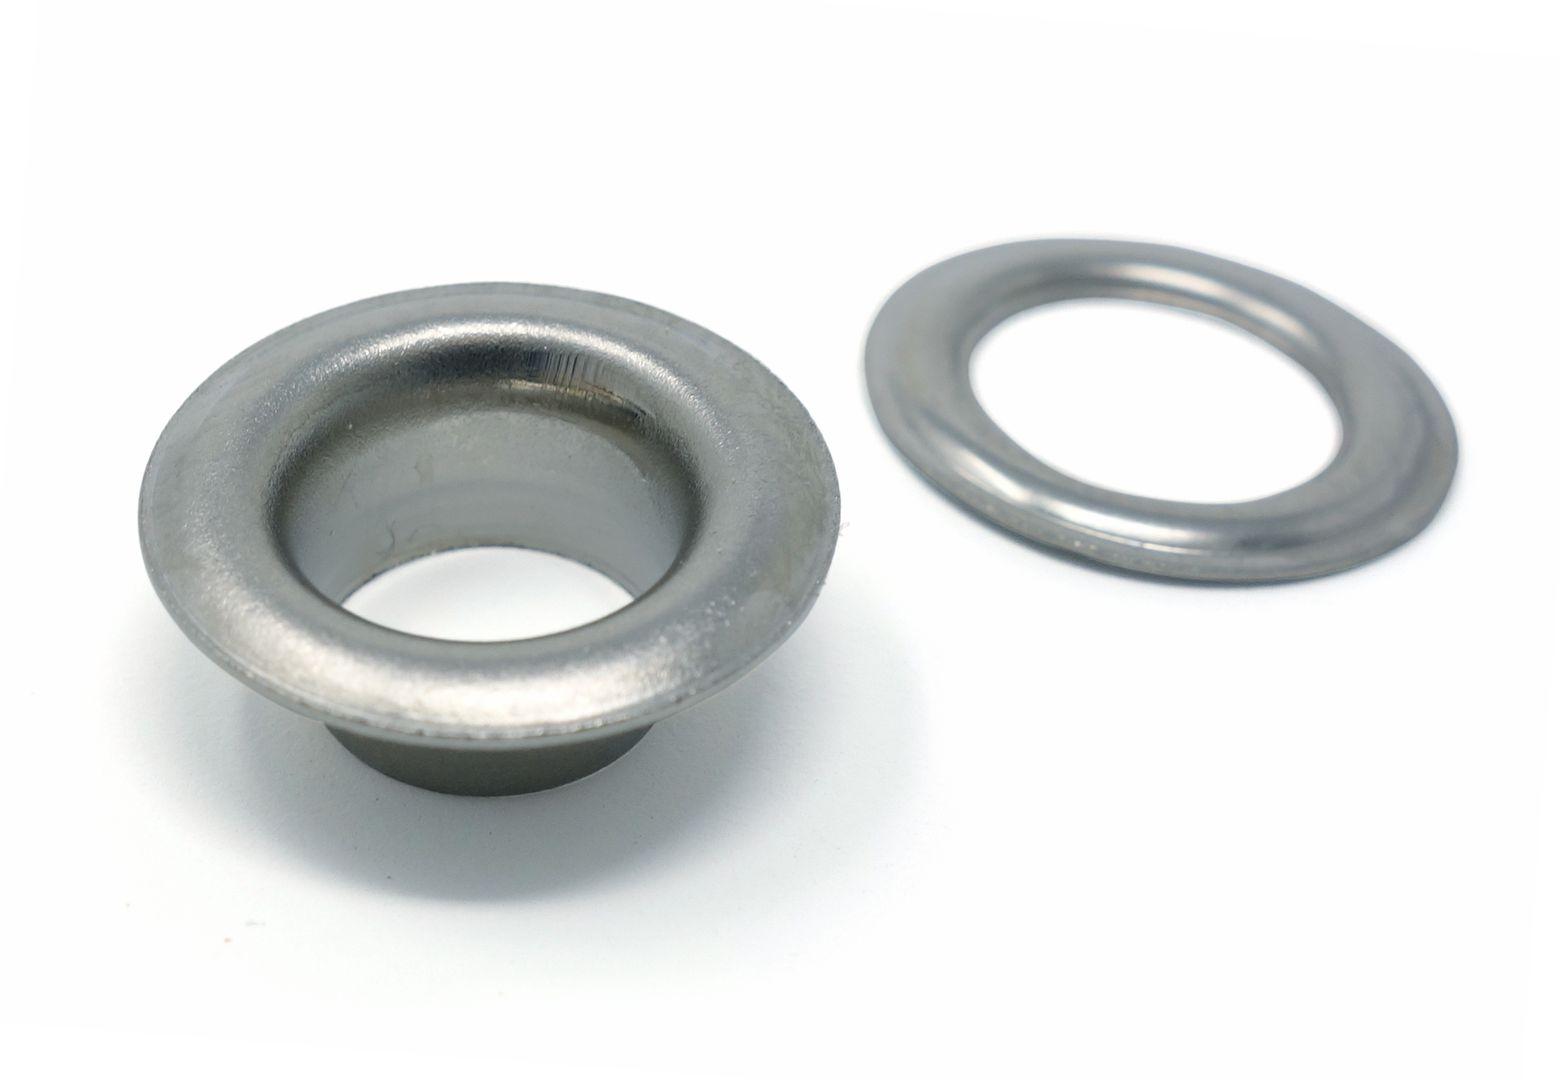 100 x selbstlochende Ösen mit langem Schaft (ca. 9,0 mm) und Scheibe (rostfrei) für Ösenpressen und Einschlagwerkzeuge – Bild 3